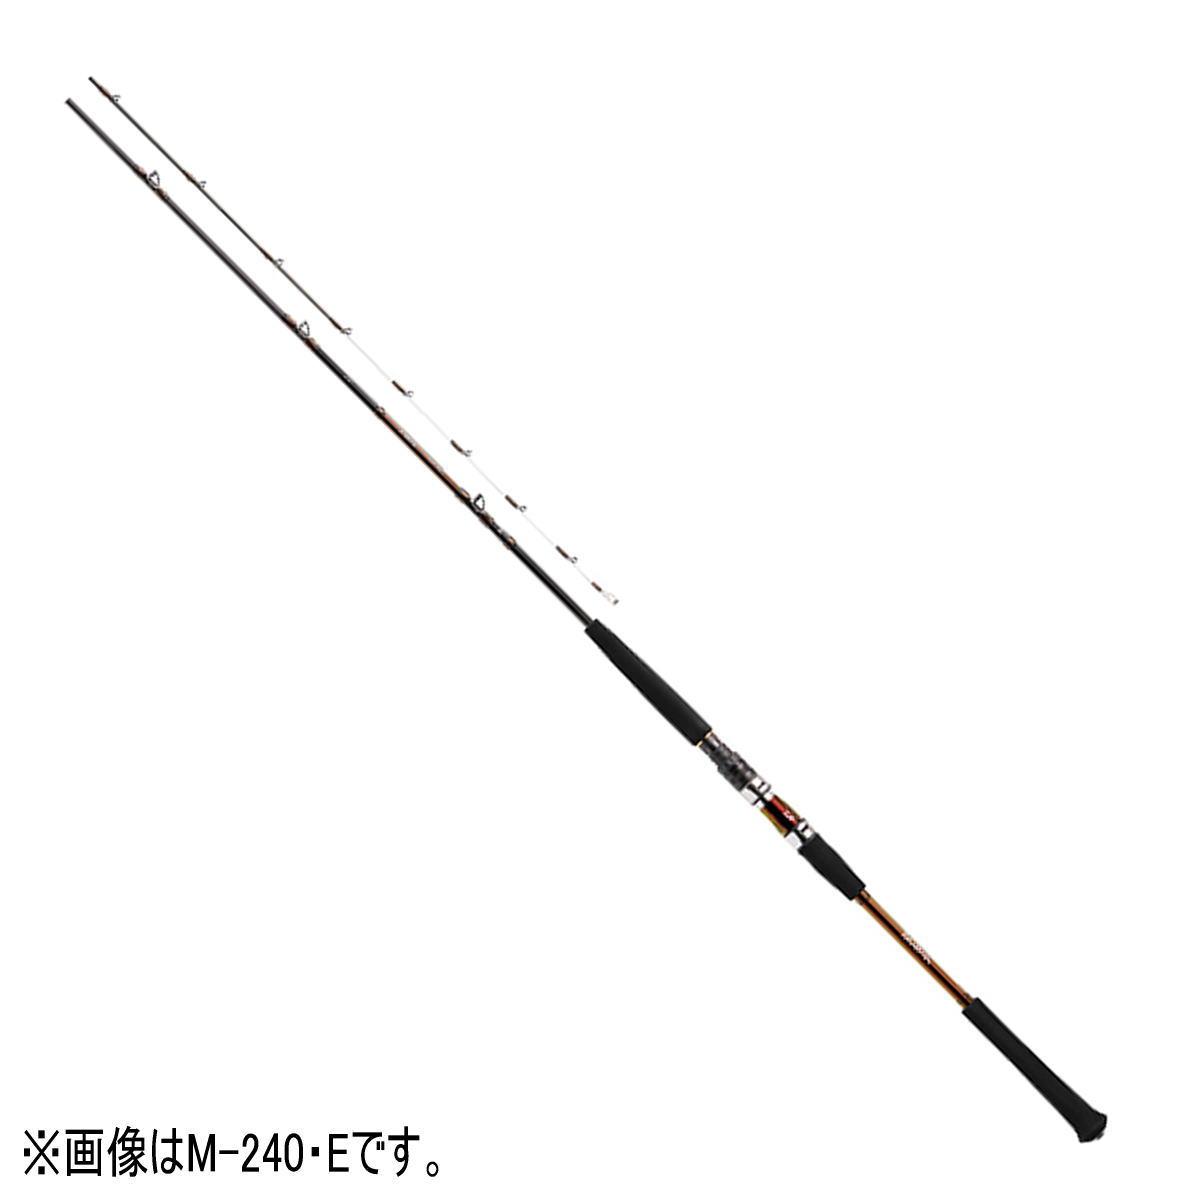 ダイワ ロッド A-ブリッツ ネライ M-240・E 【6】【※大型商品の為同梱不可】